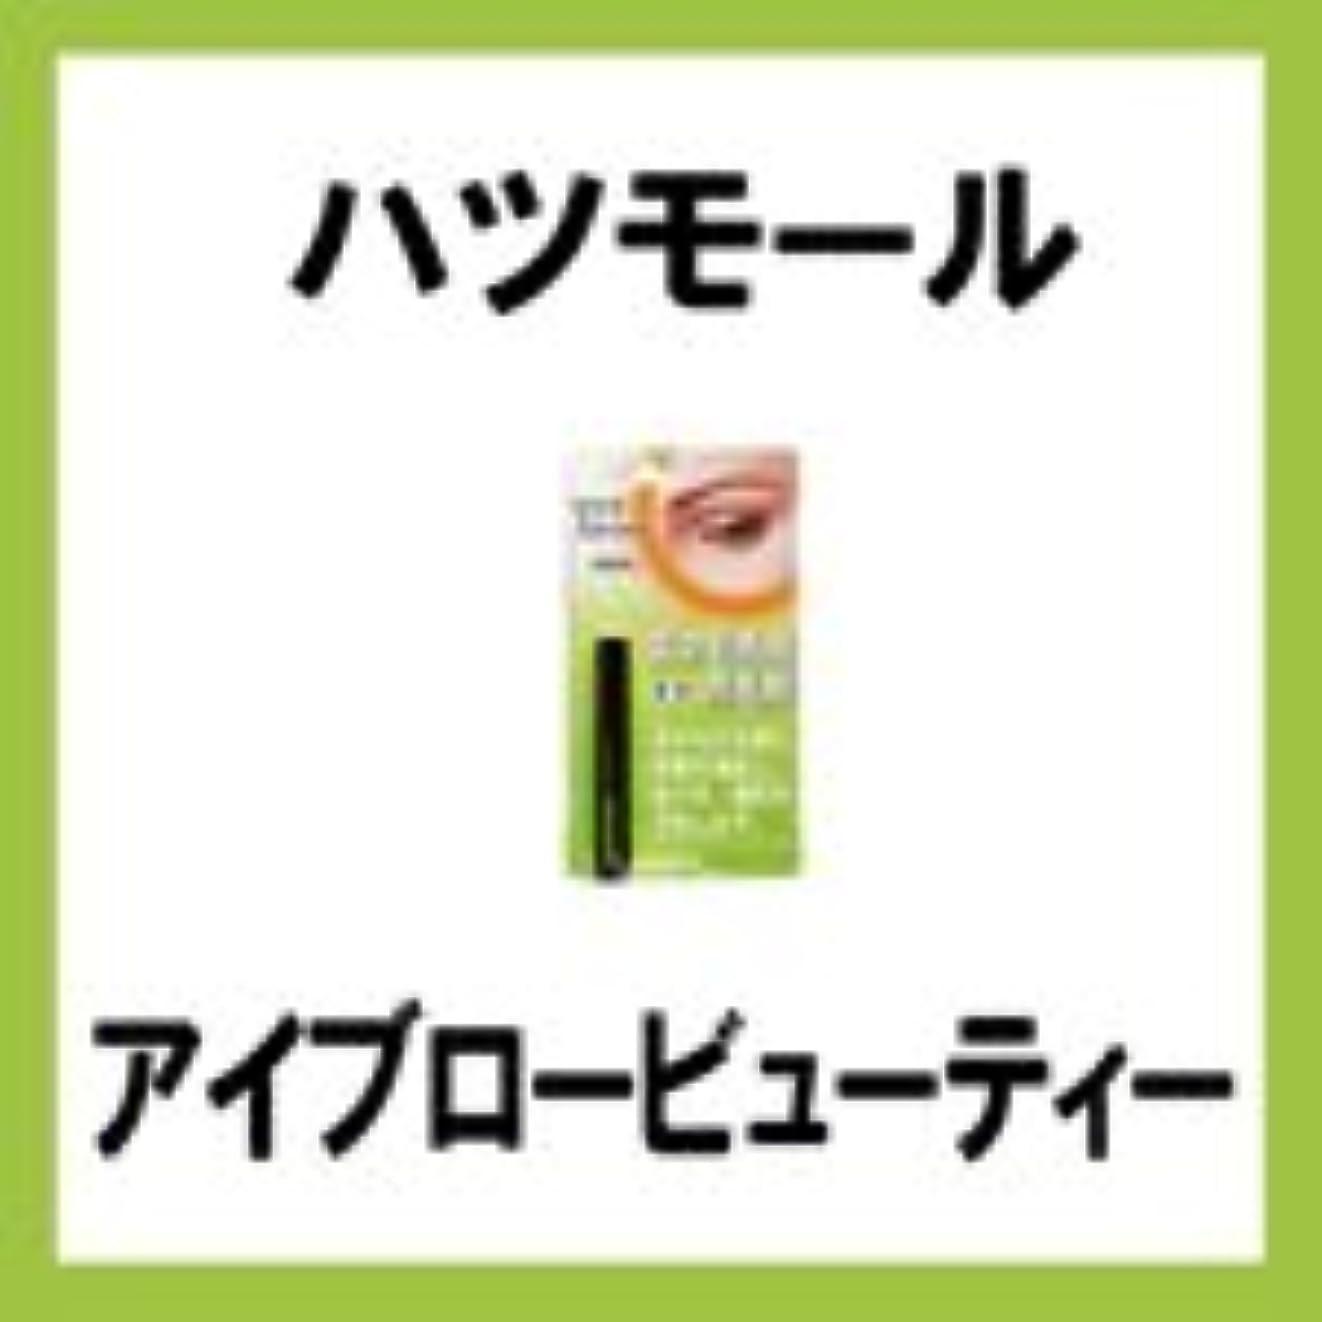 控えめな勧めるフレアハツモール アイブロービューティー 6ml 【田村治照堂】